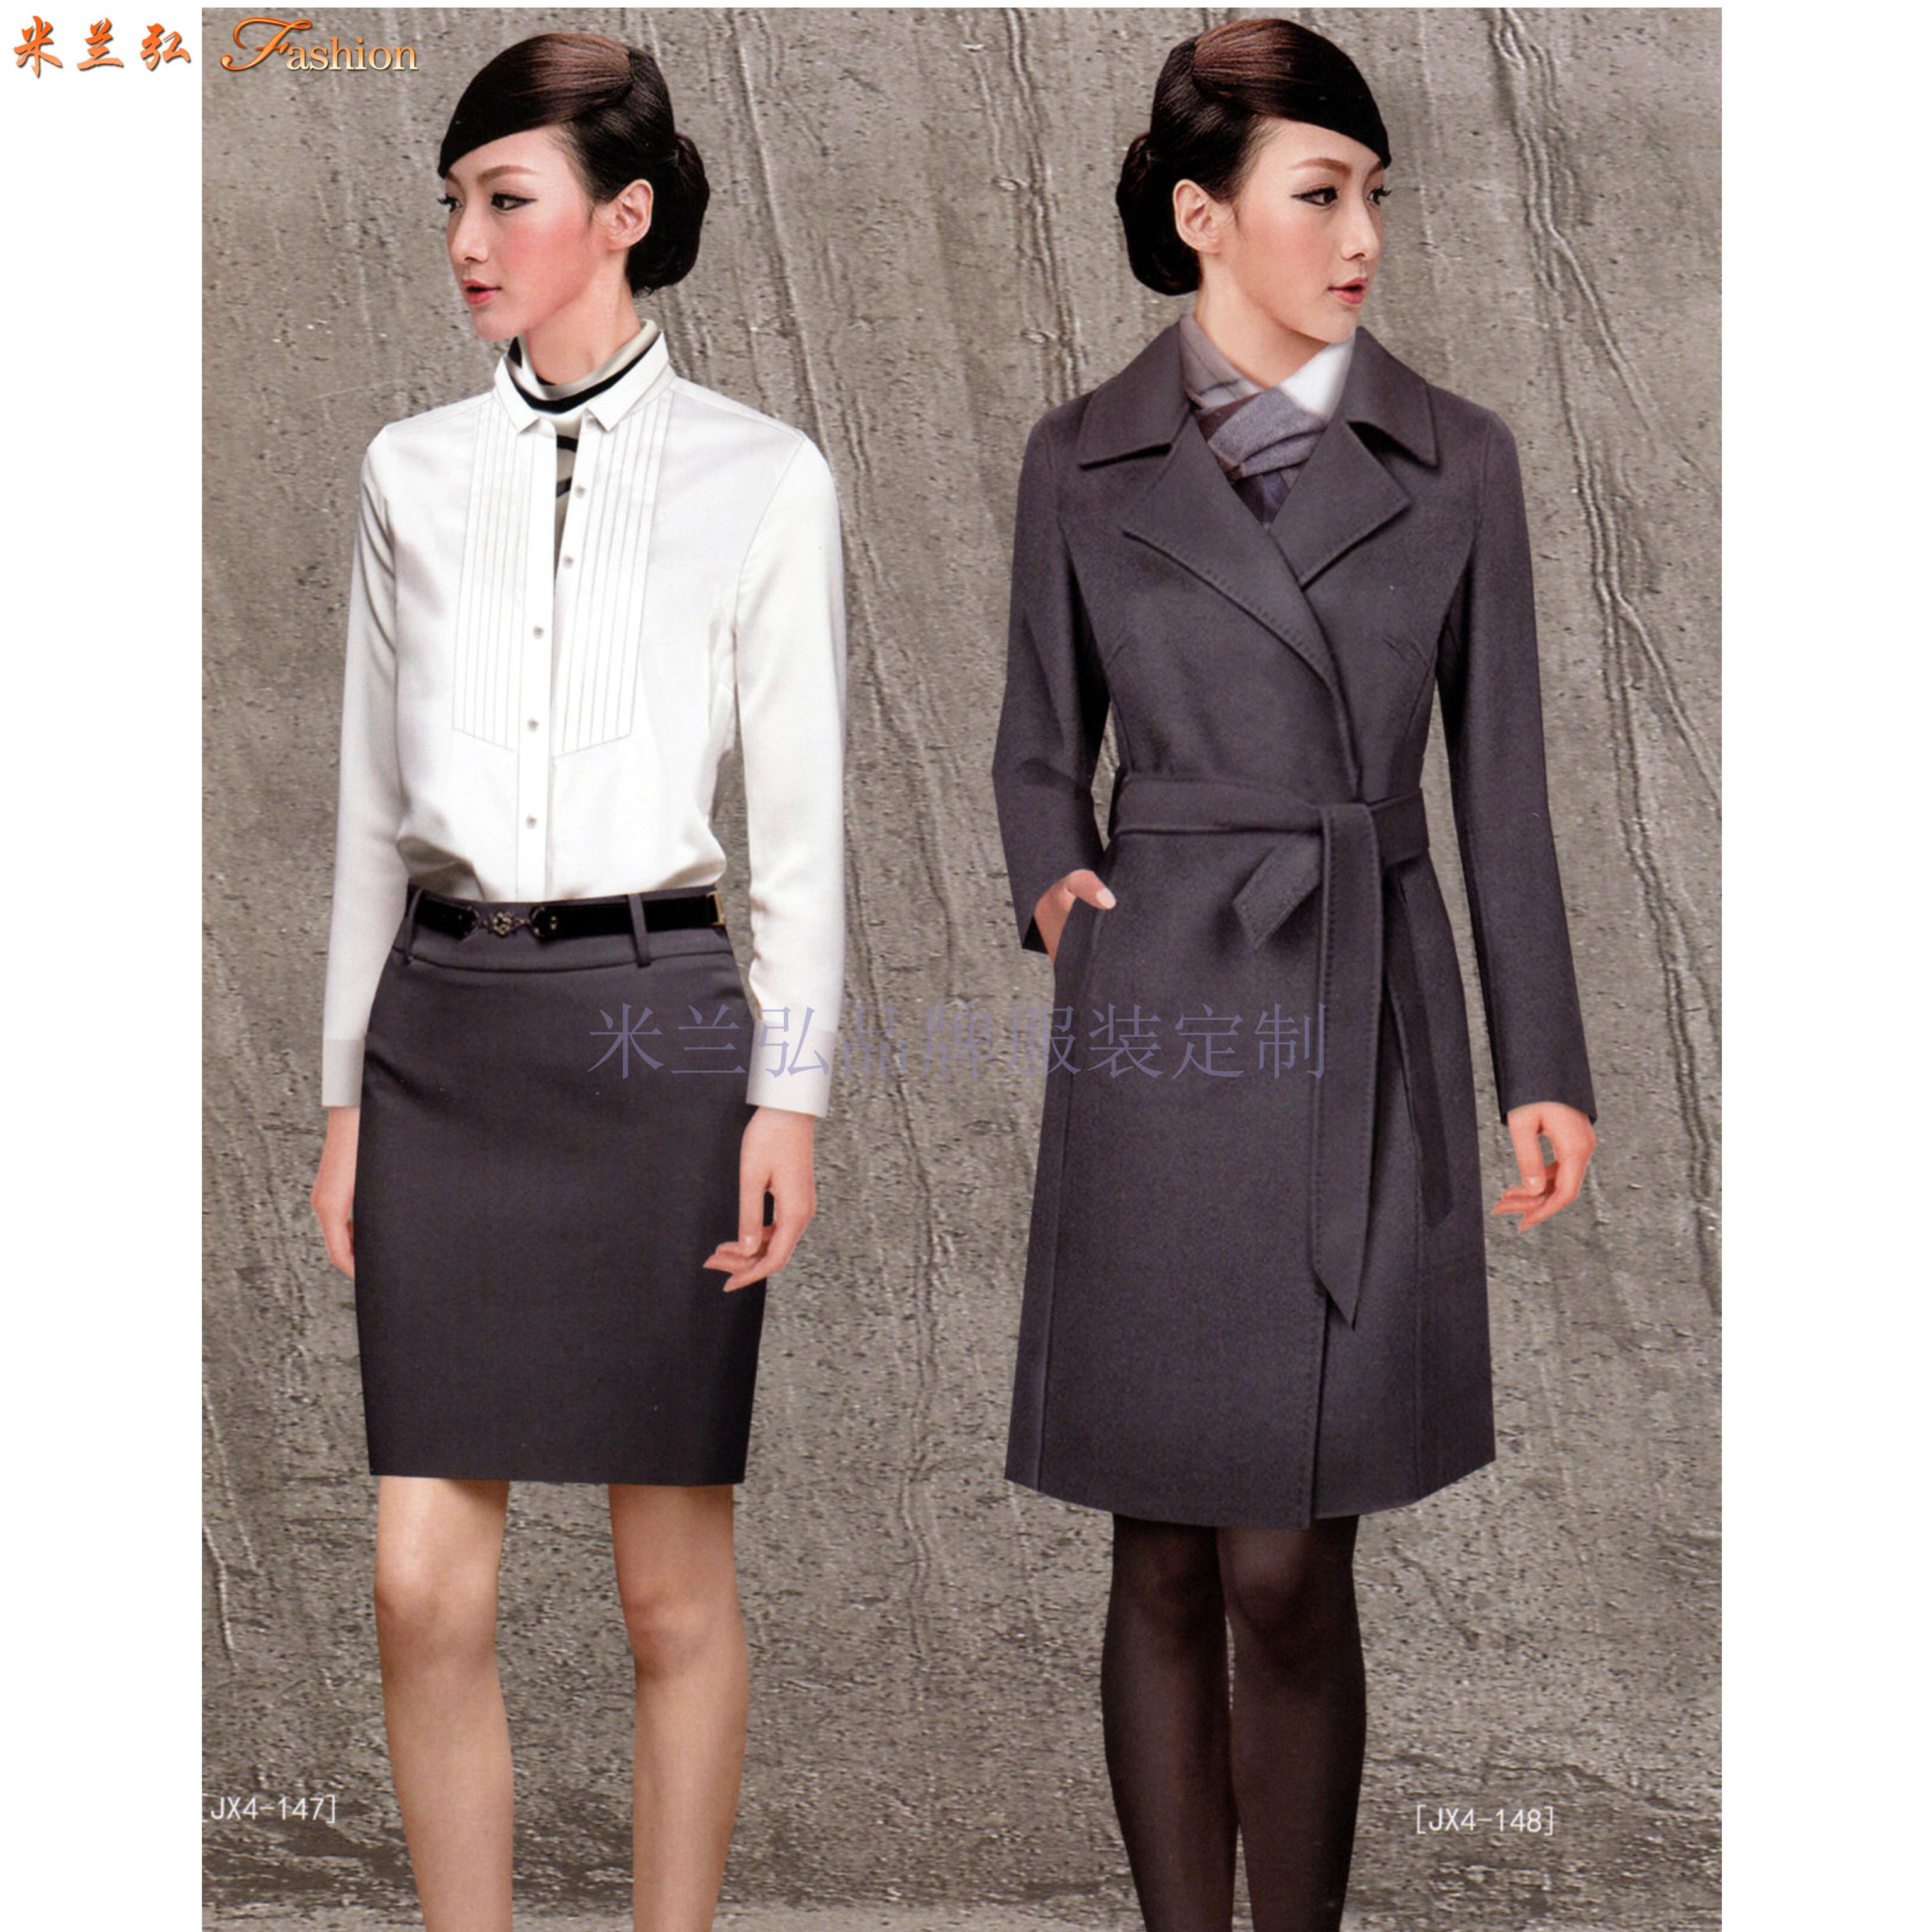 「北京毛呢男女大衣定制」哪家好,怎么樣定做-TOP米蘭弘大衣-5